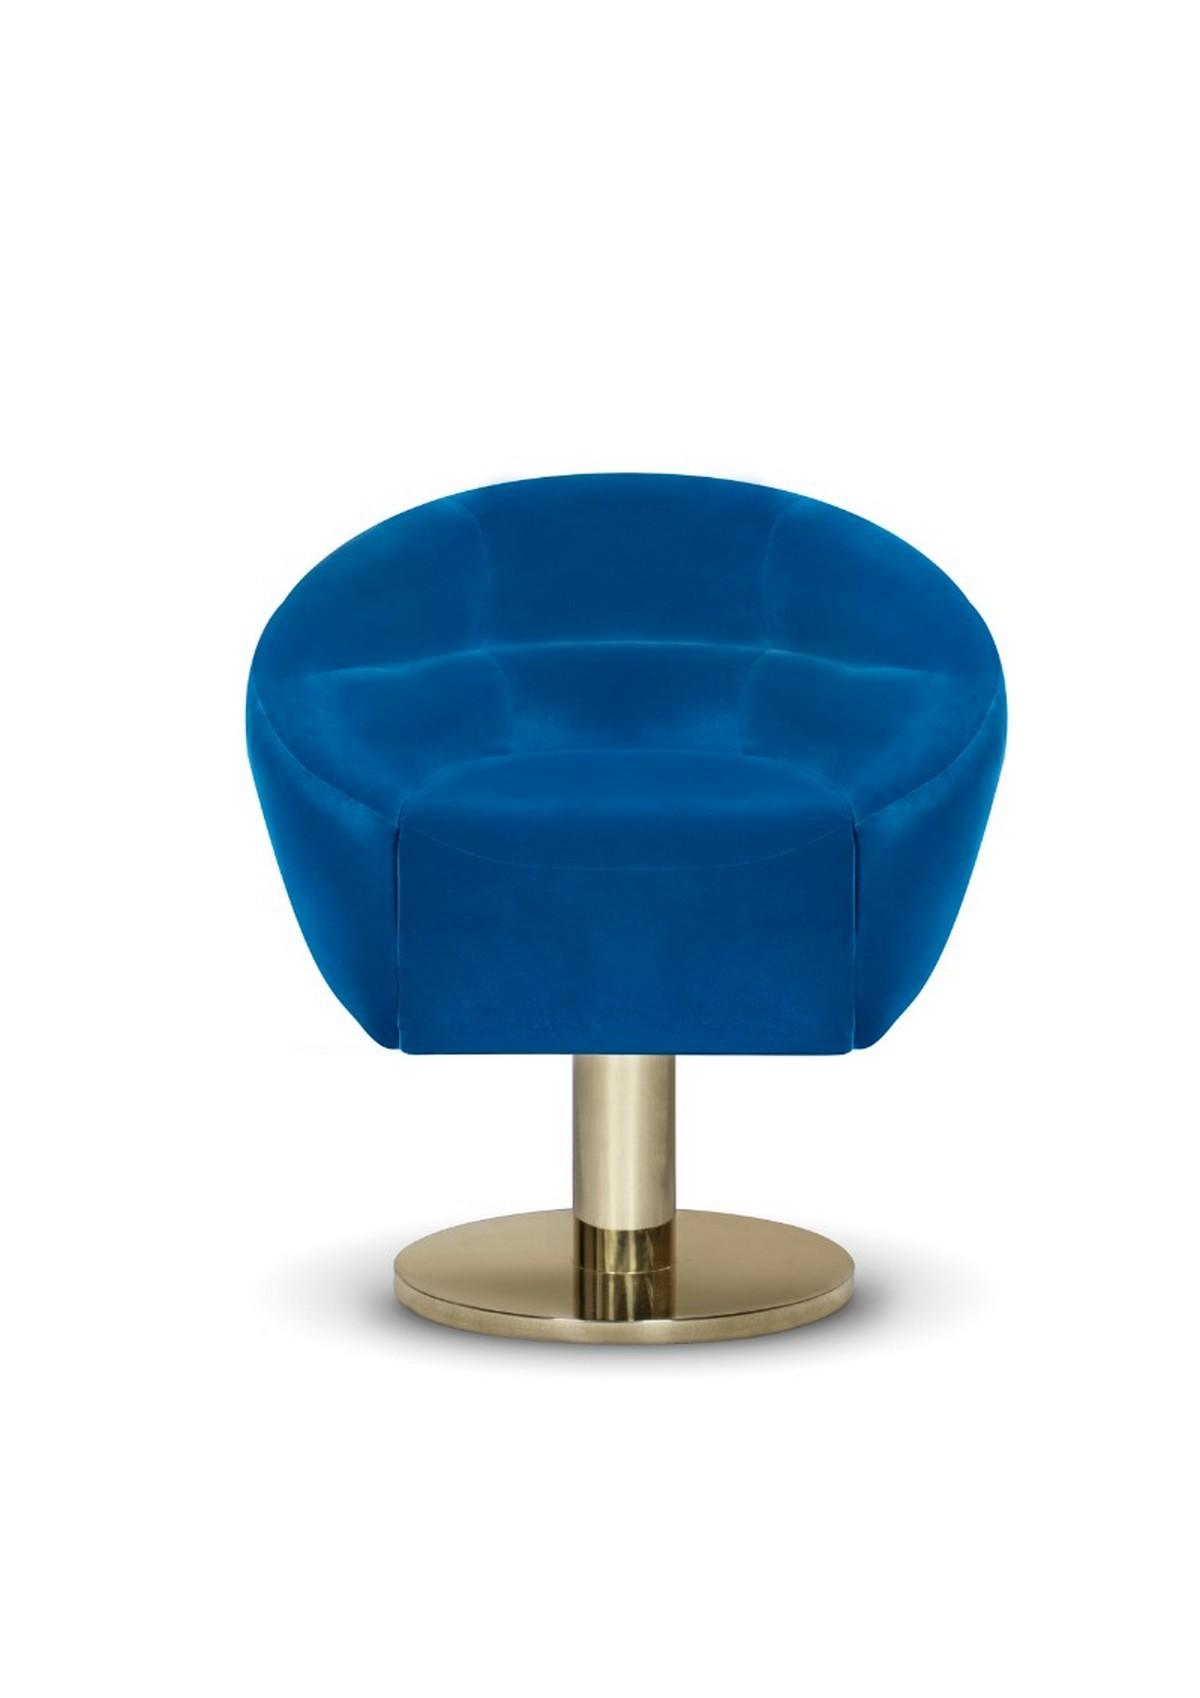 Top Velvet Dining Chairs (Part II) velvet dining chairs Top Velvet Dining Chairs (Part II) mansfiedl2